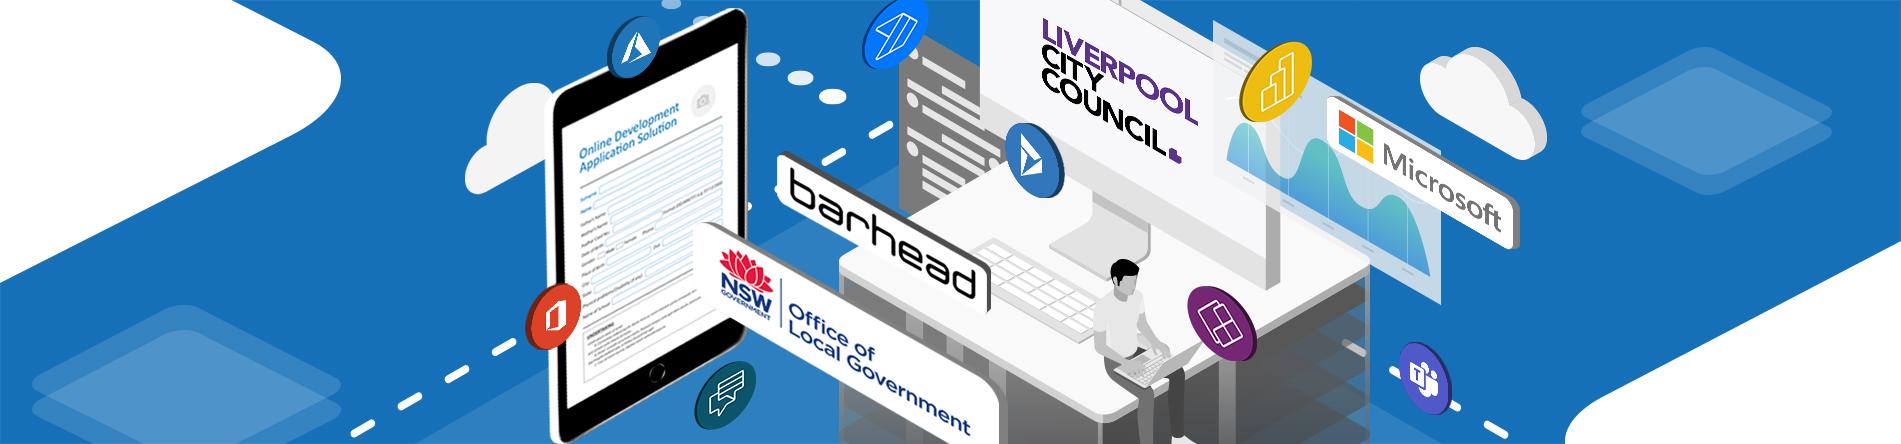 Microsoft Power Platform for Councils